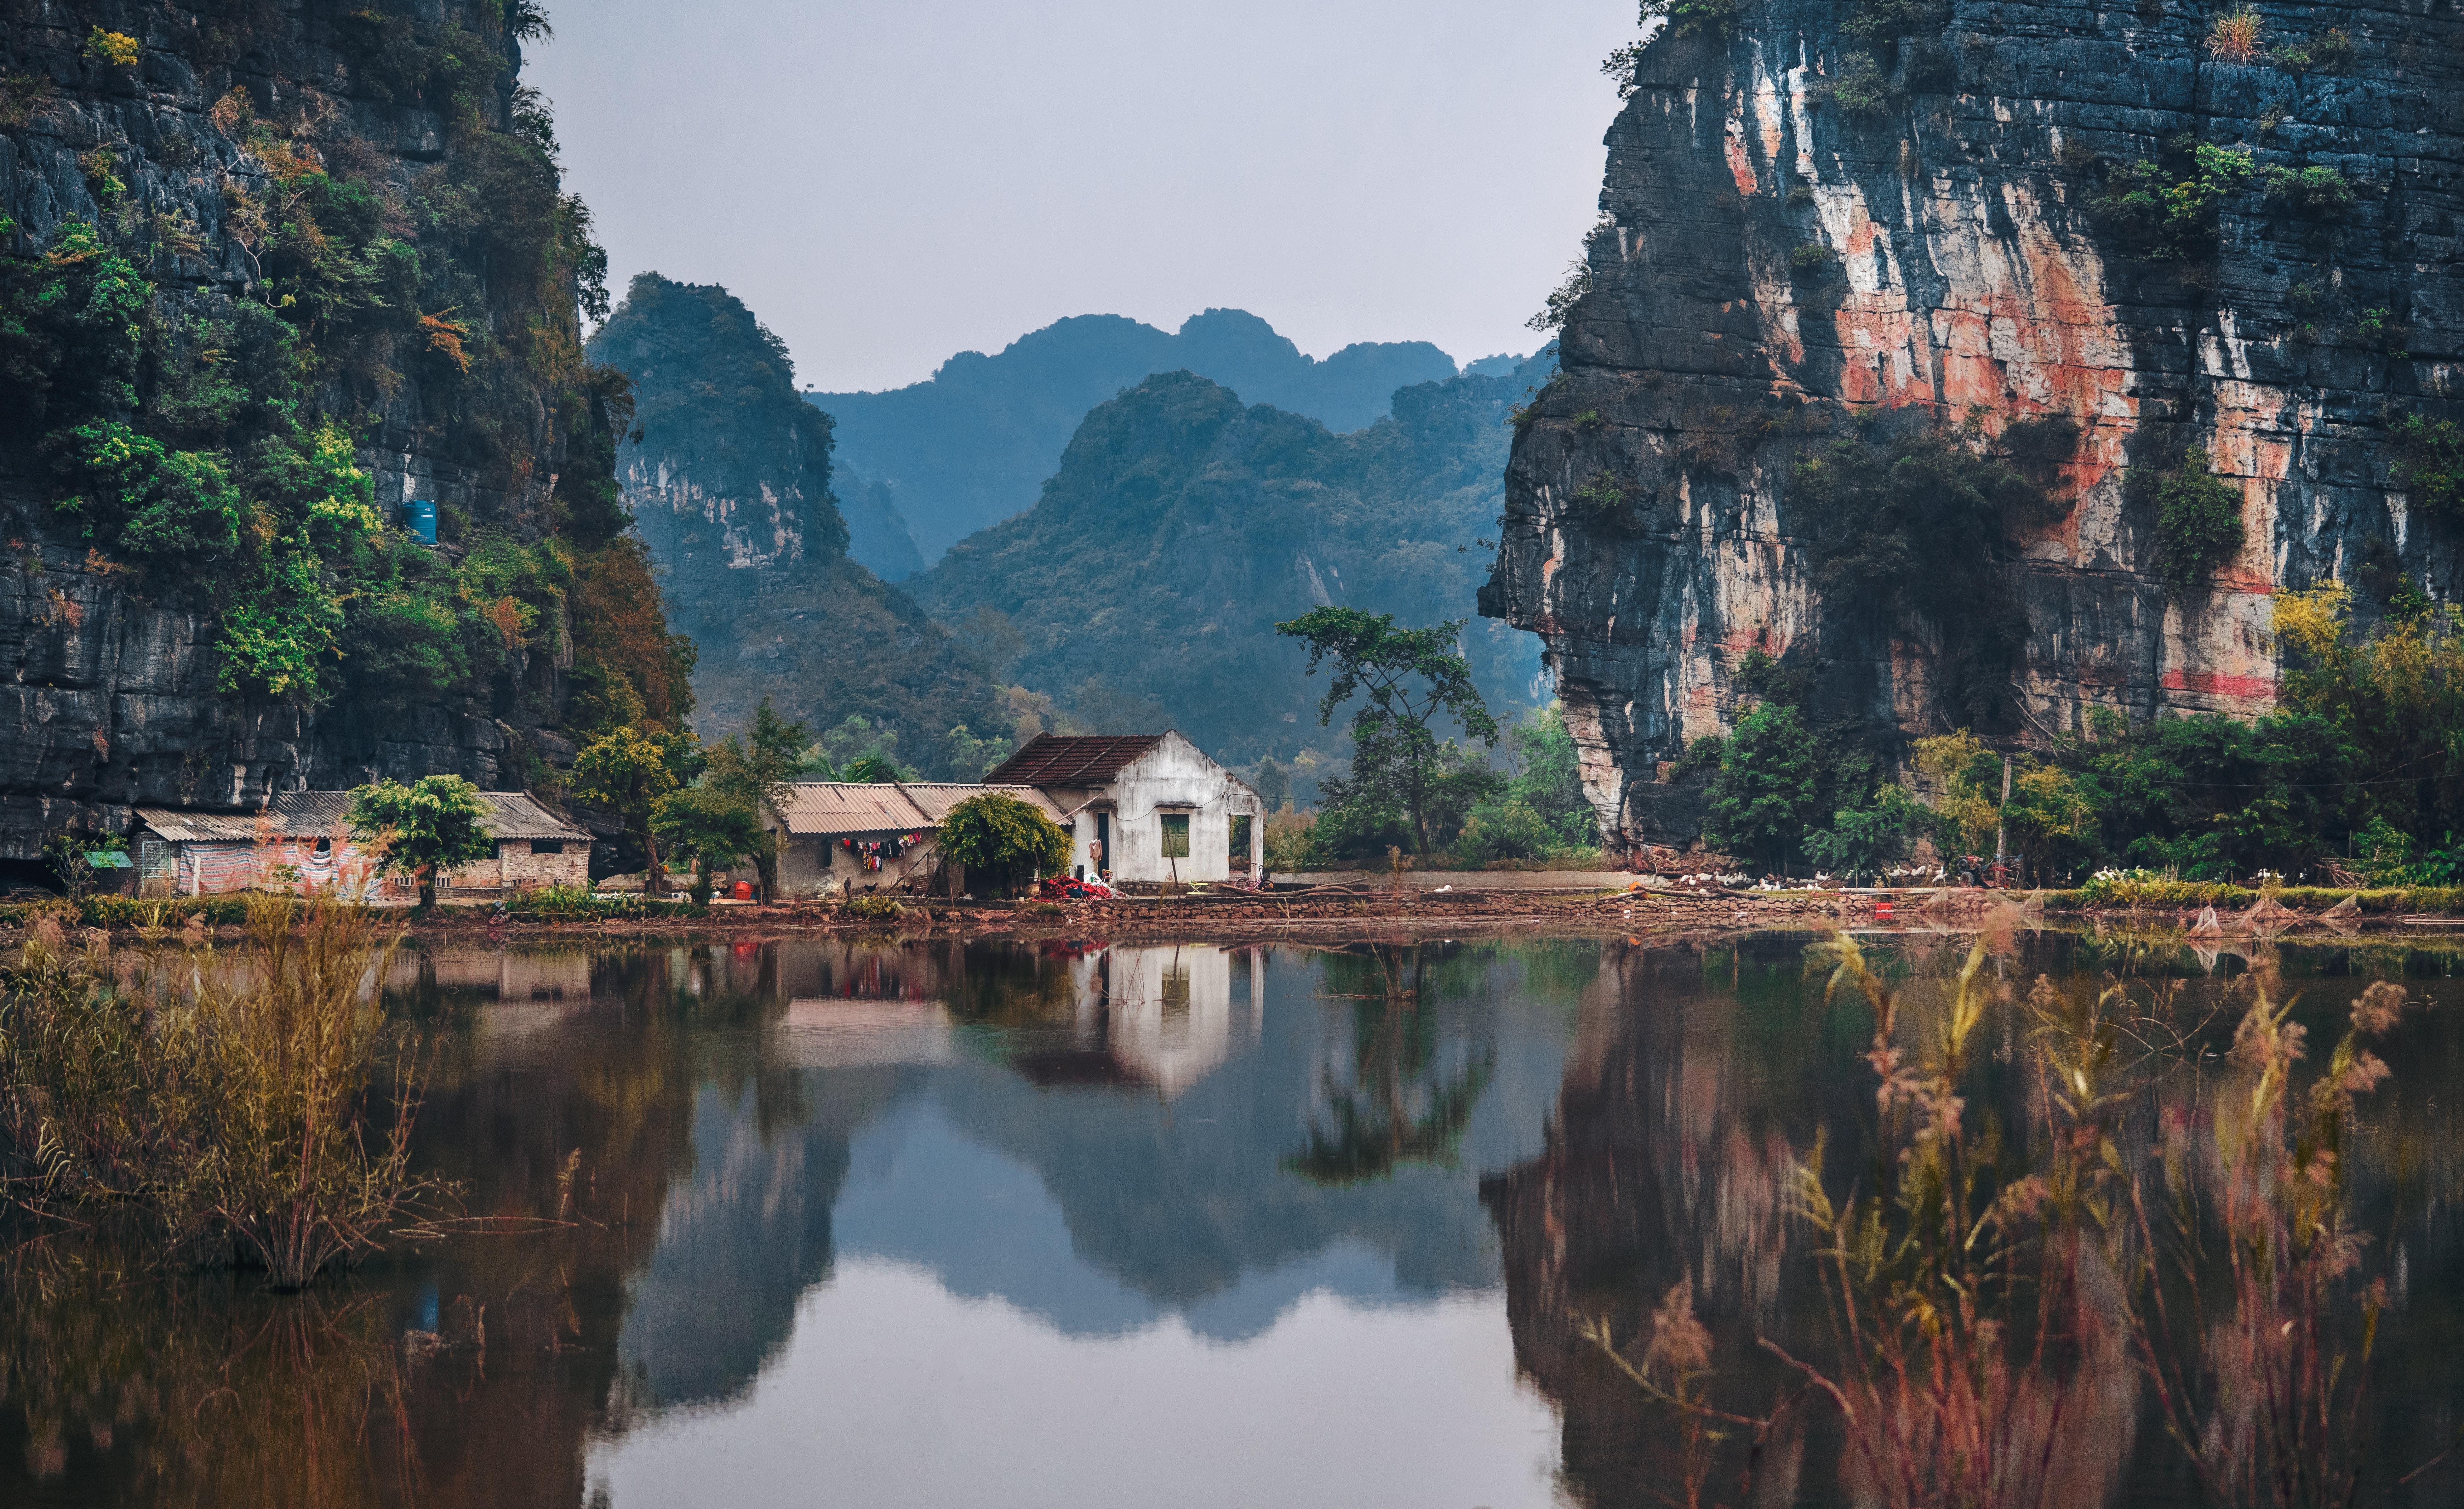 Ninh Bình, Vietnam Photo by Ruslan Bardash on Unsplash